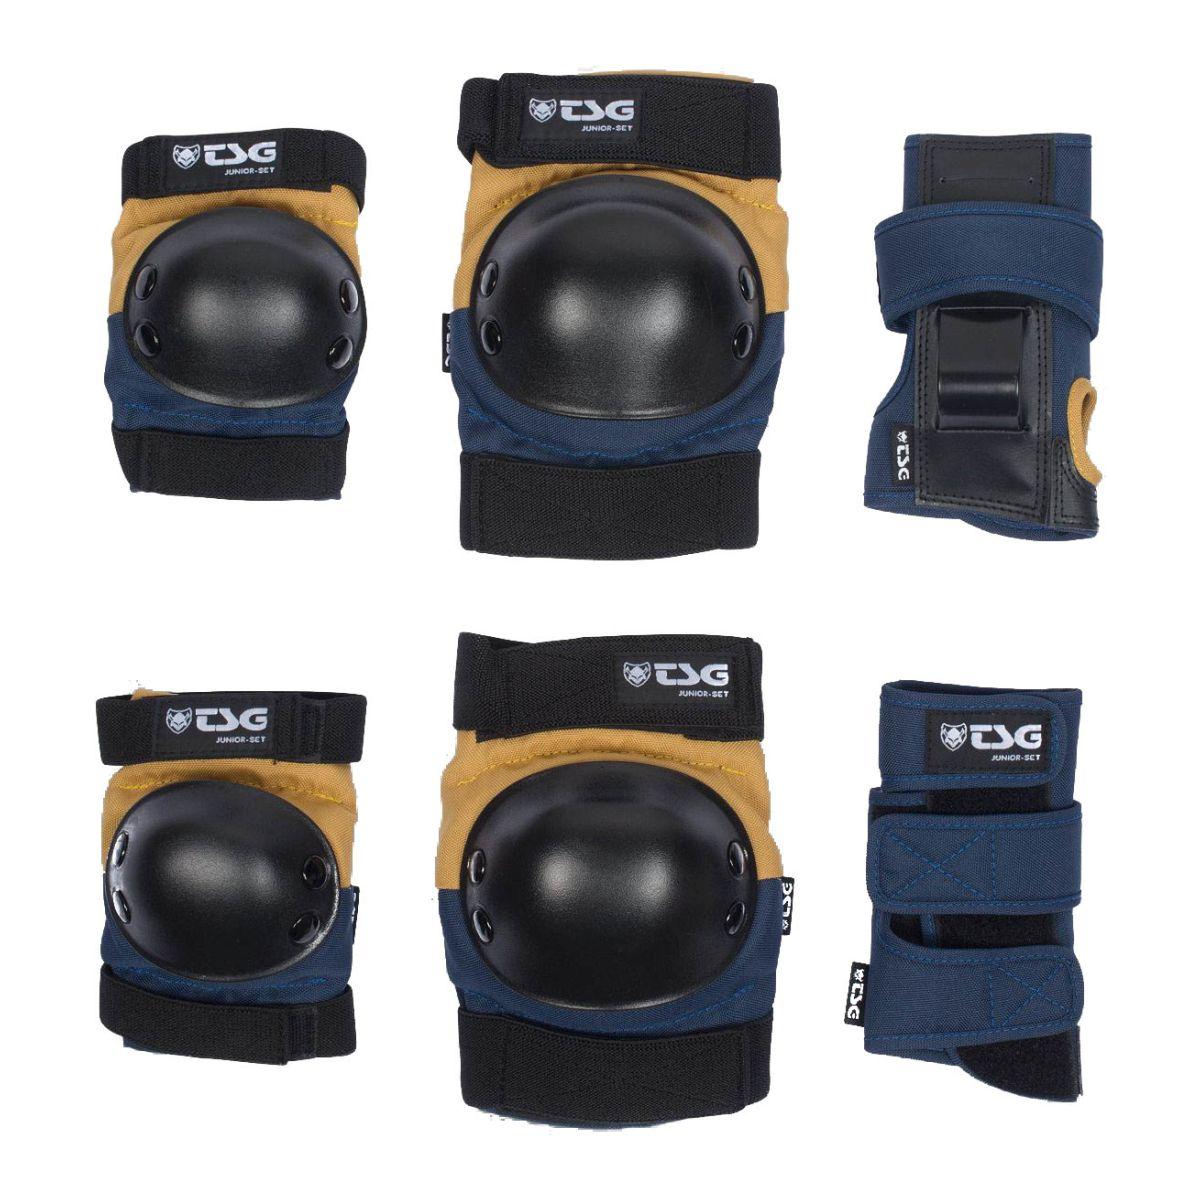 Zestaw ochraniaczy TSG Junior Set Blue / Yellow